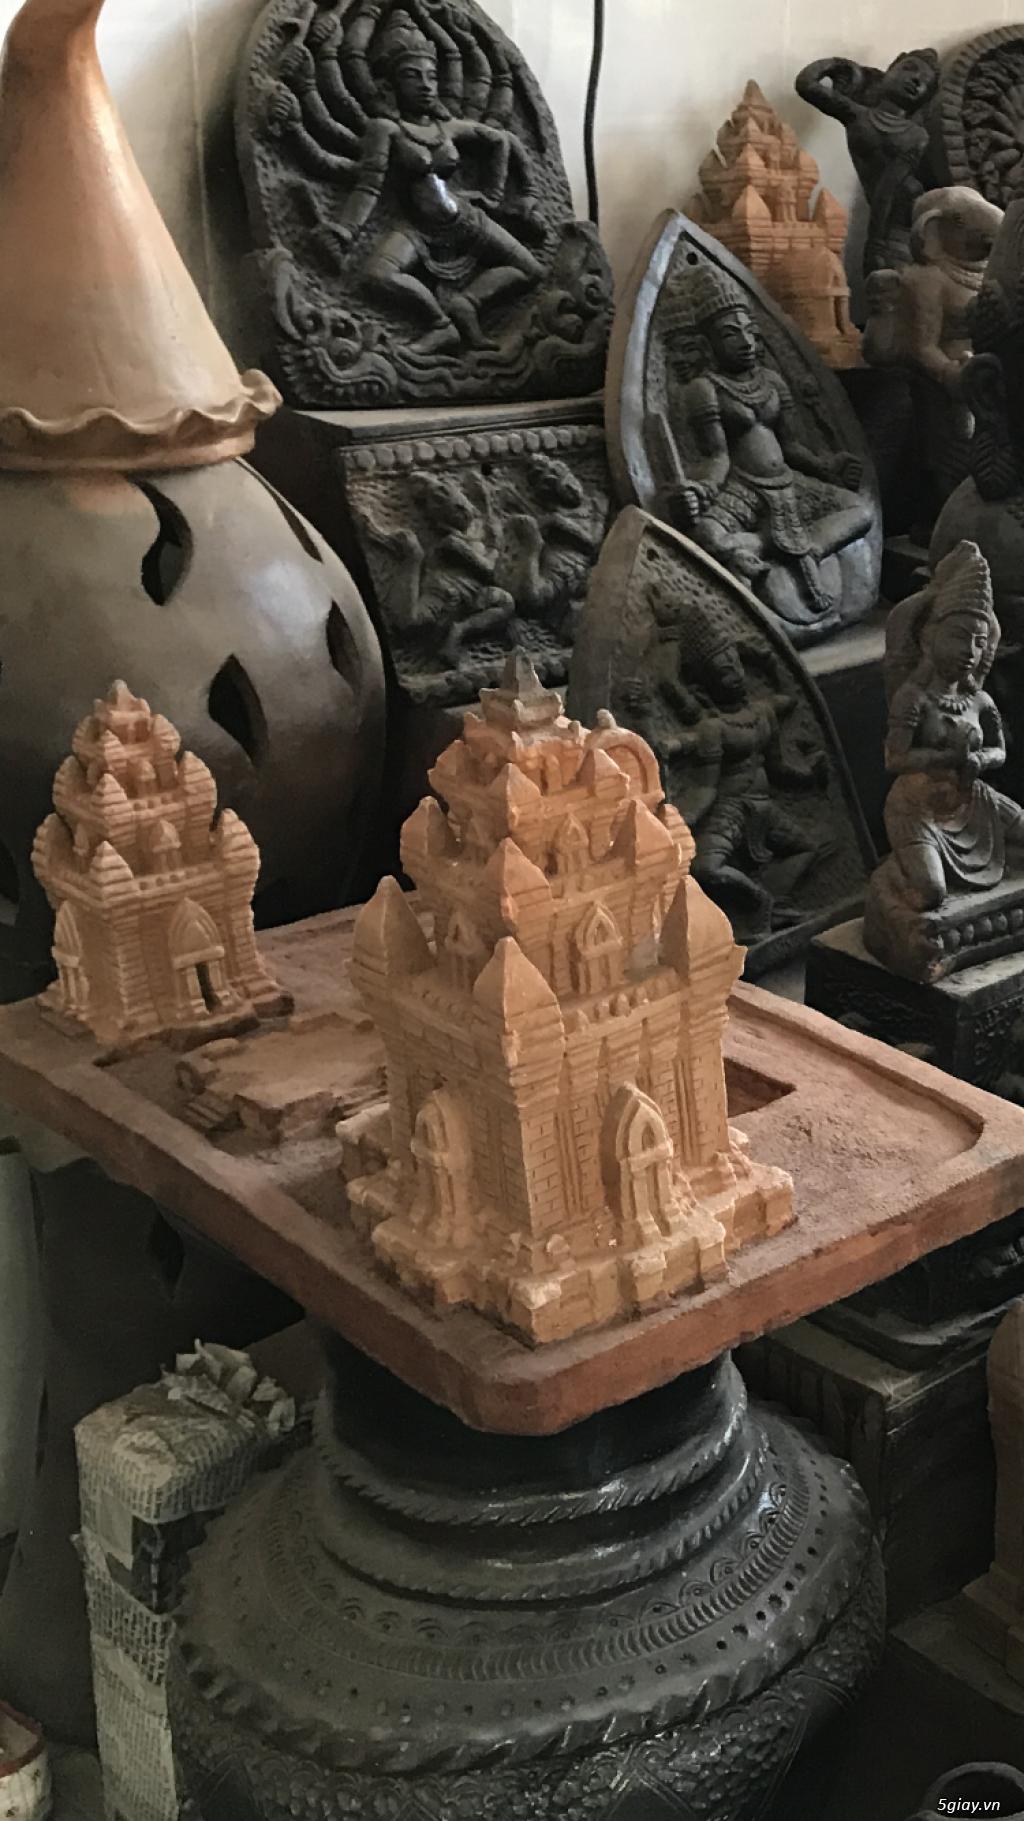 Mô hình tháp chăm gốm Bàu Trúc Ninh Thuận - 2